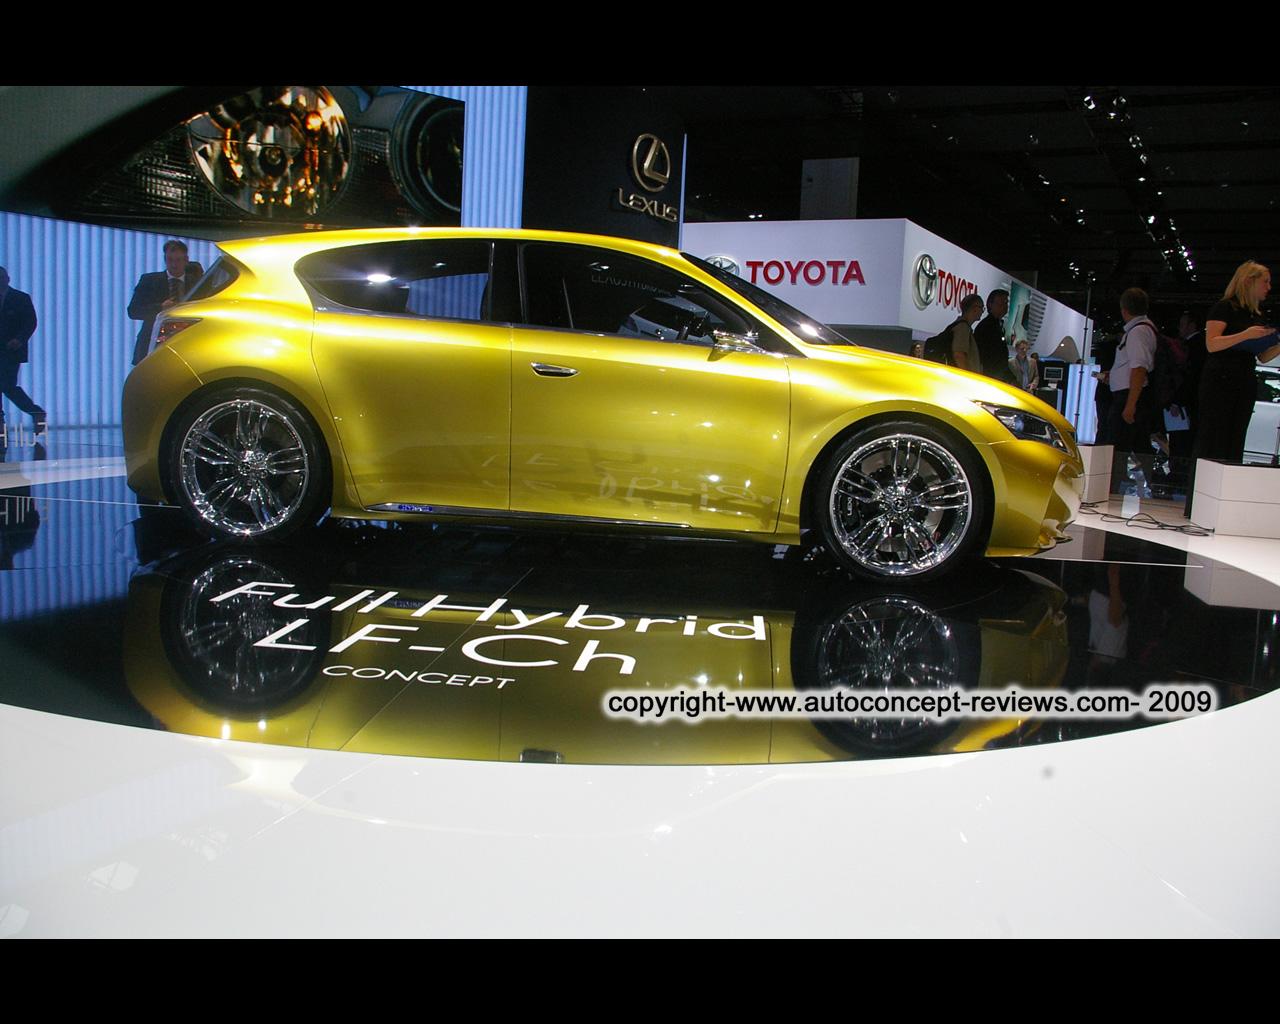 http://www.autoconcept-reviews.com/cars_reviews/lexus/lexus-lf-ch-concept-2009/wallpaper/image8.jpg